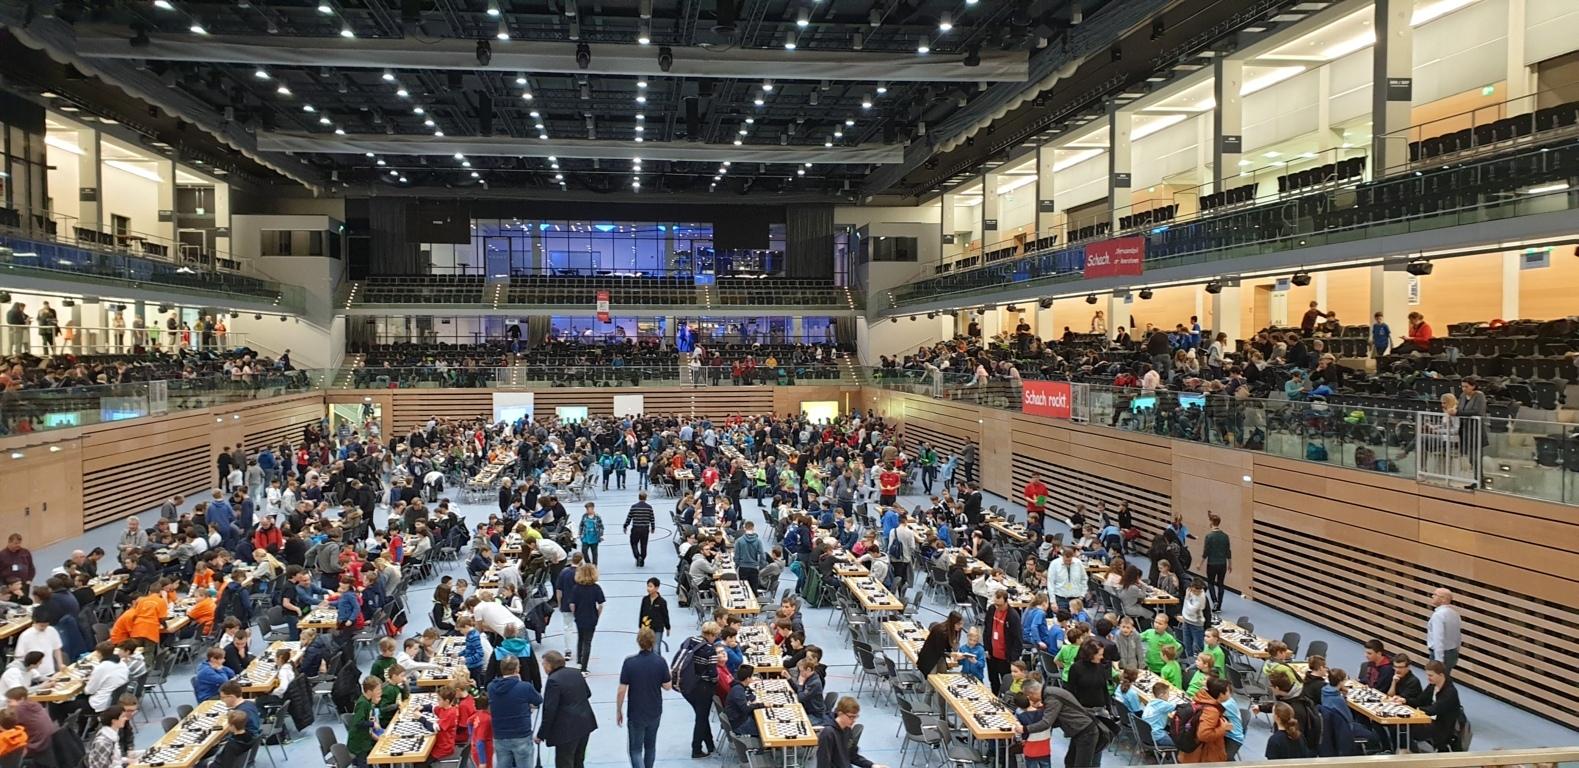 Landesfinale Schach 08.03 (1)